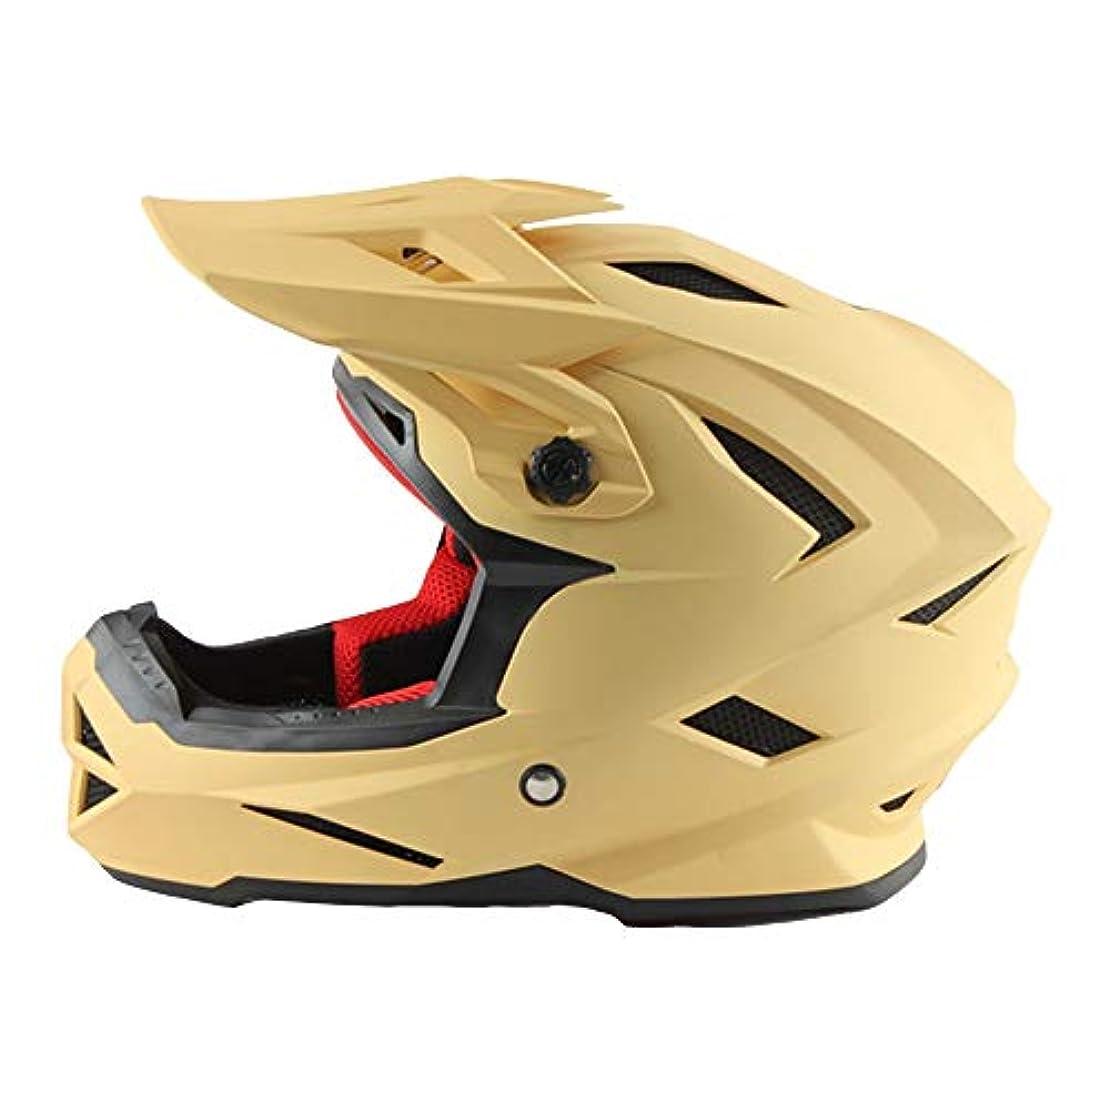 通信網落ち着いてコンバーチブルTOMSSL高品質 自転車フルフェイスヘルメットオートバイクロスカントリーヘルメットダウンヒルヘルメットフルフェイスモトクロスヘルメットロードオフロードレーシングヘルメット - 黄色 - 大 (Size : S)